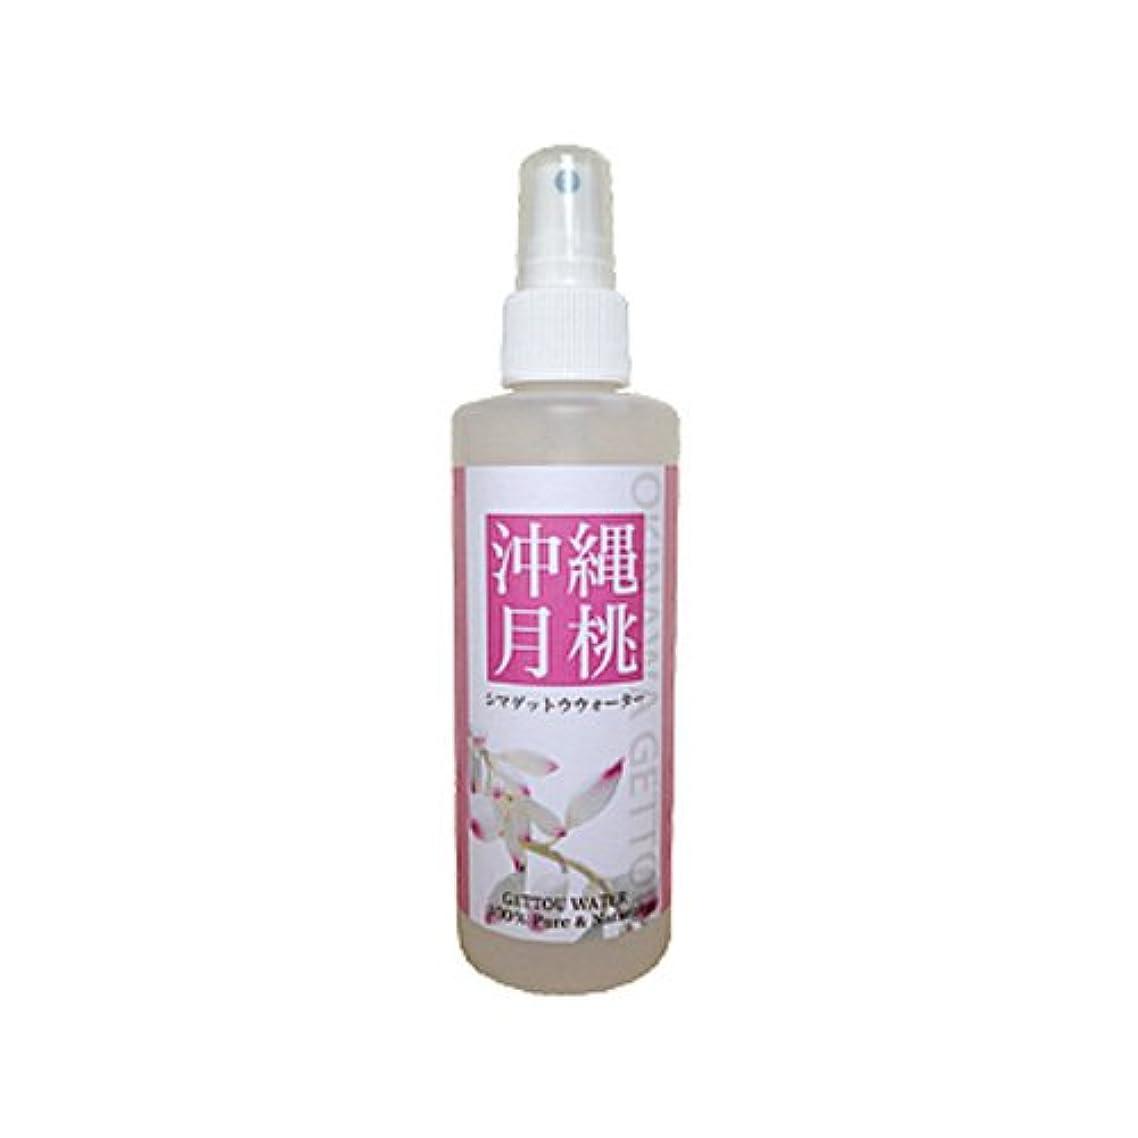 含める印象的迫害月桃蒸留水 フローラルウォーター シマ月桃葉100%使用 200ml